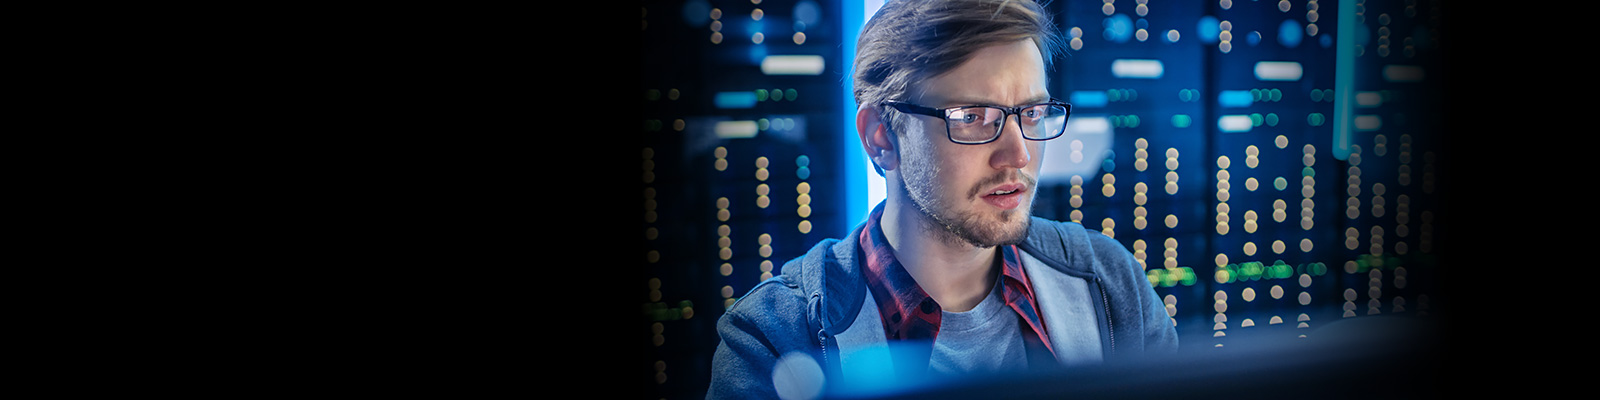 サイバー攻撃 管理者 サーバー イメージ